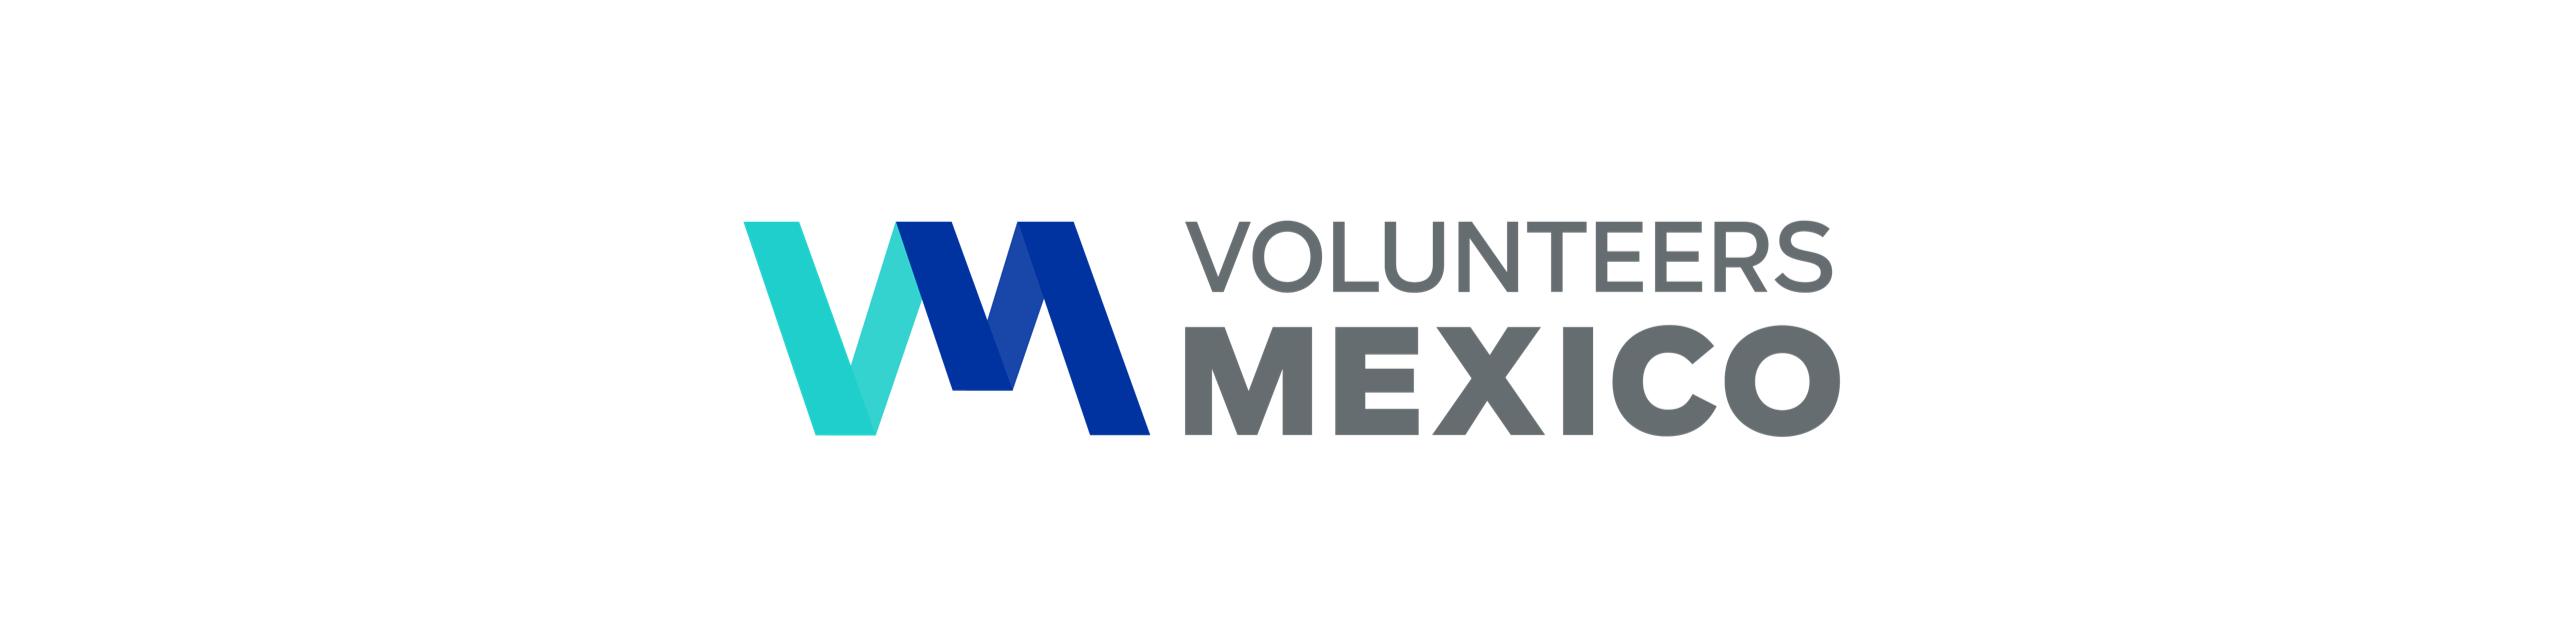 volunteersmexico-logo